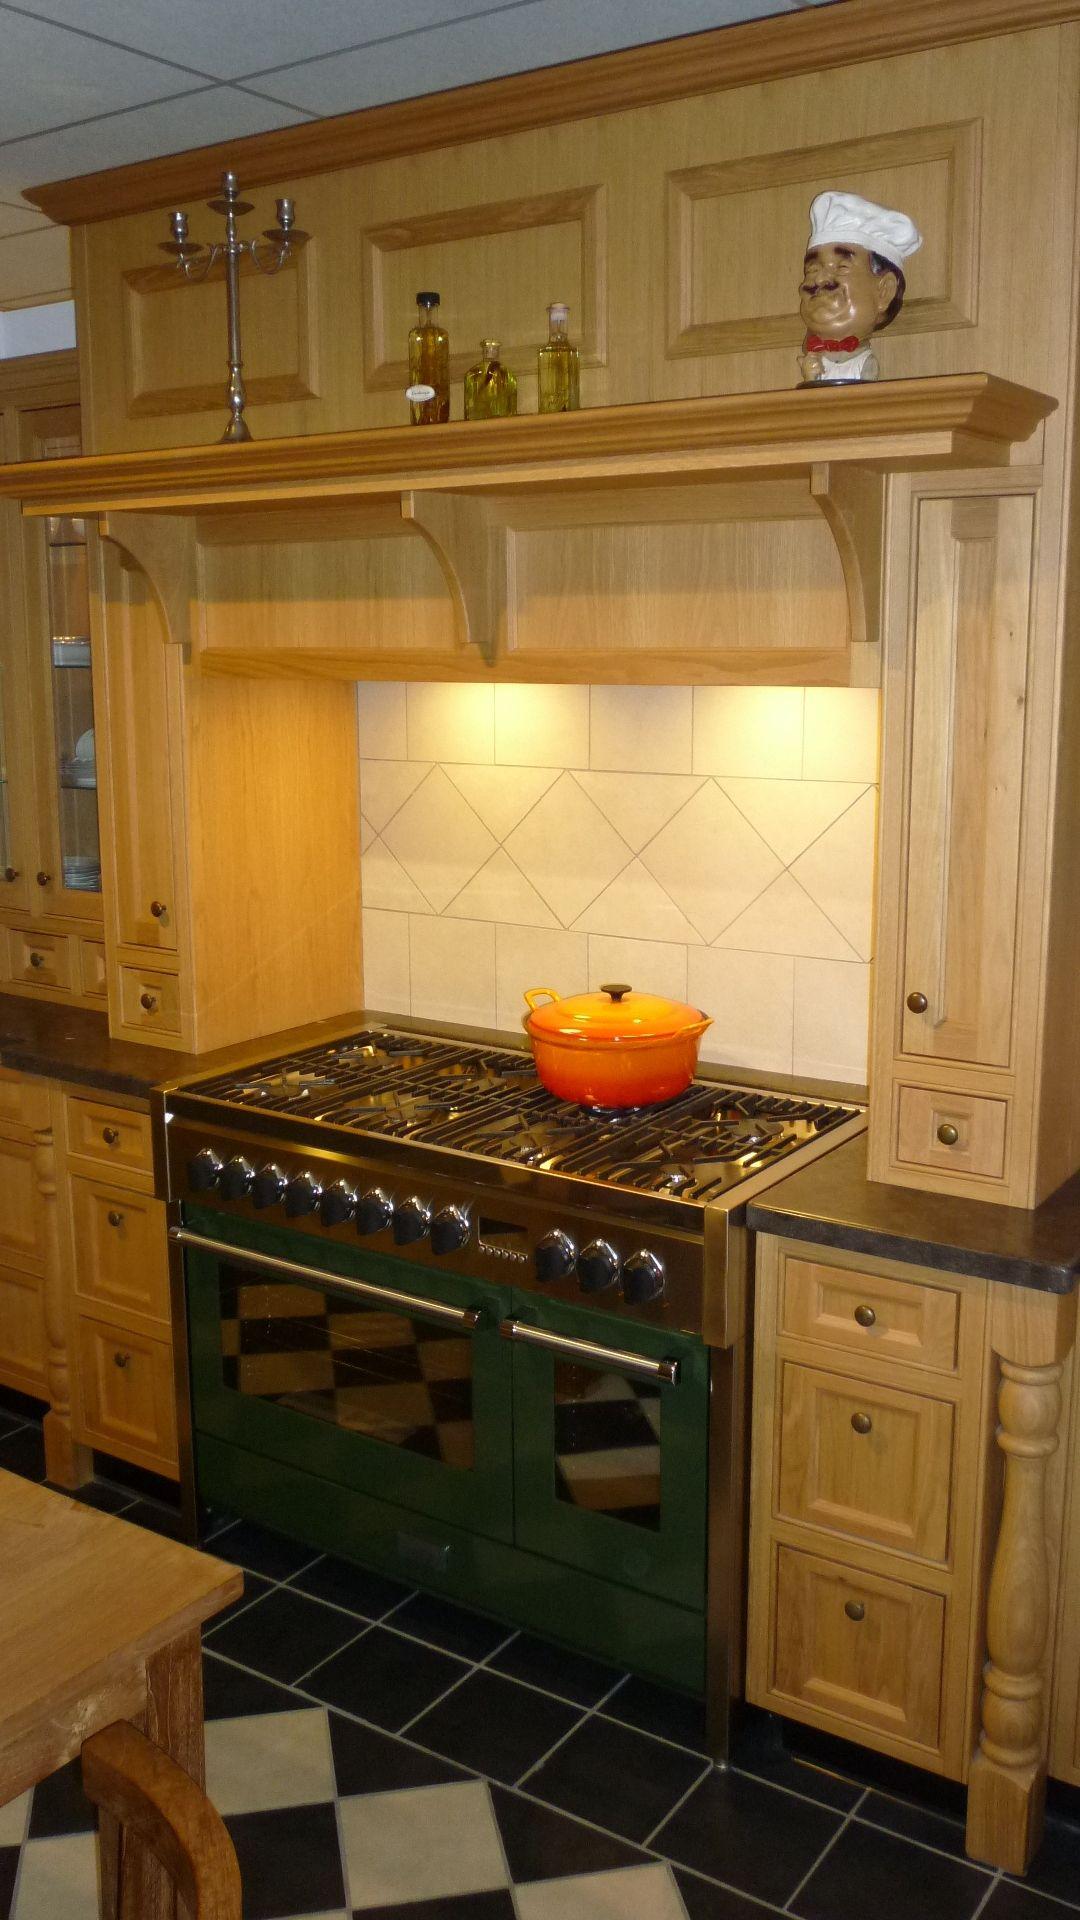 ... .nl   Massief eiken nostalgische keuken met veel details [49342